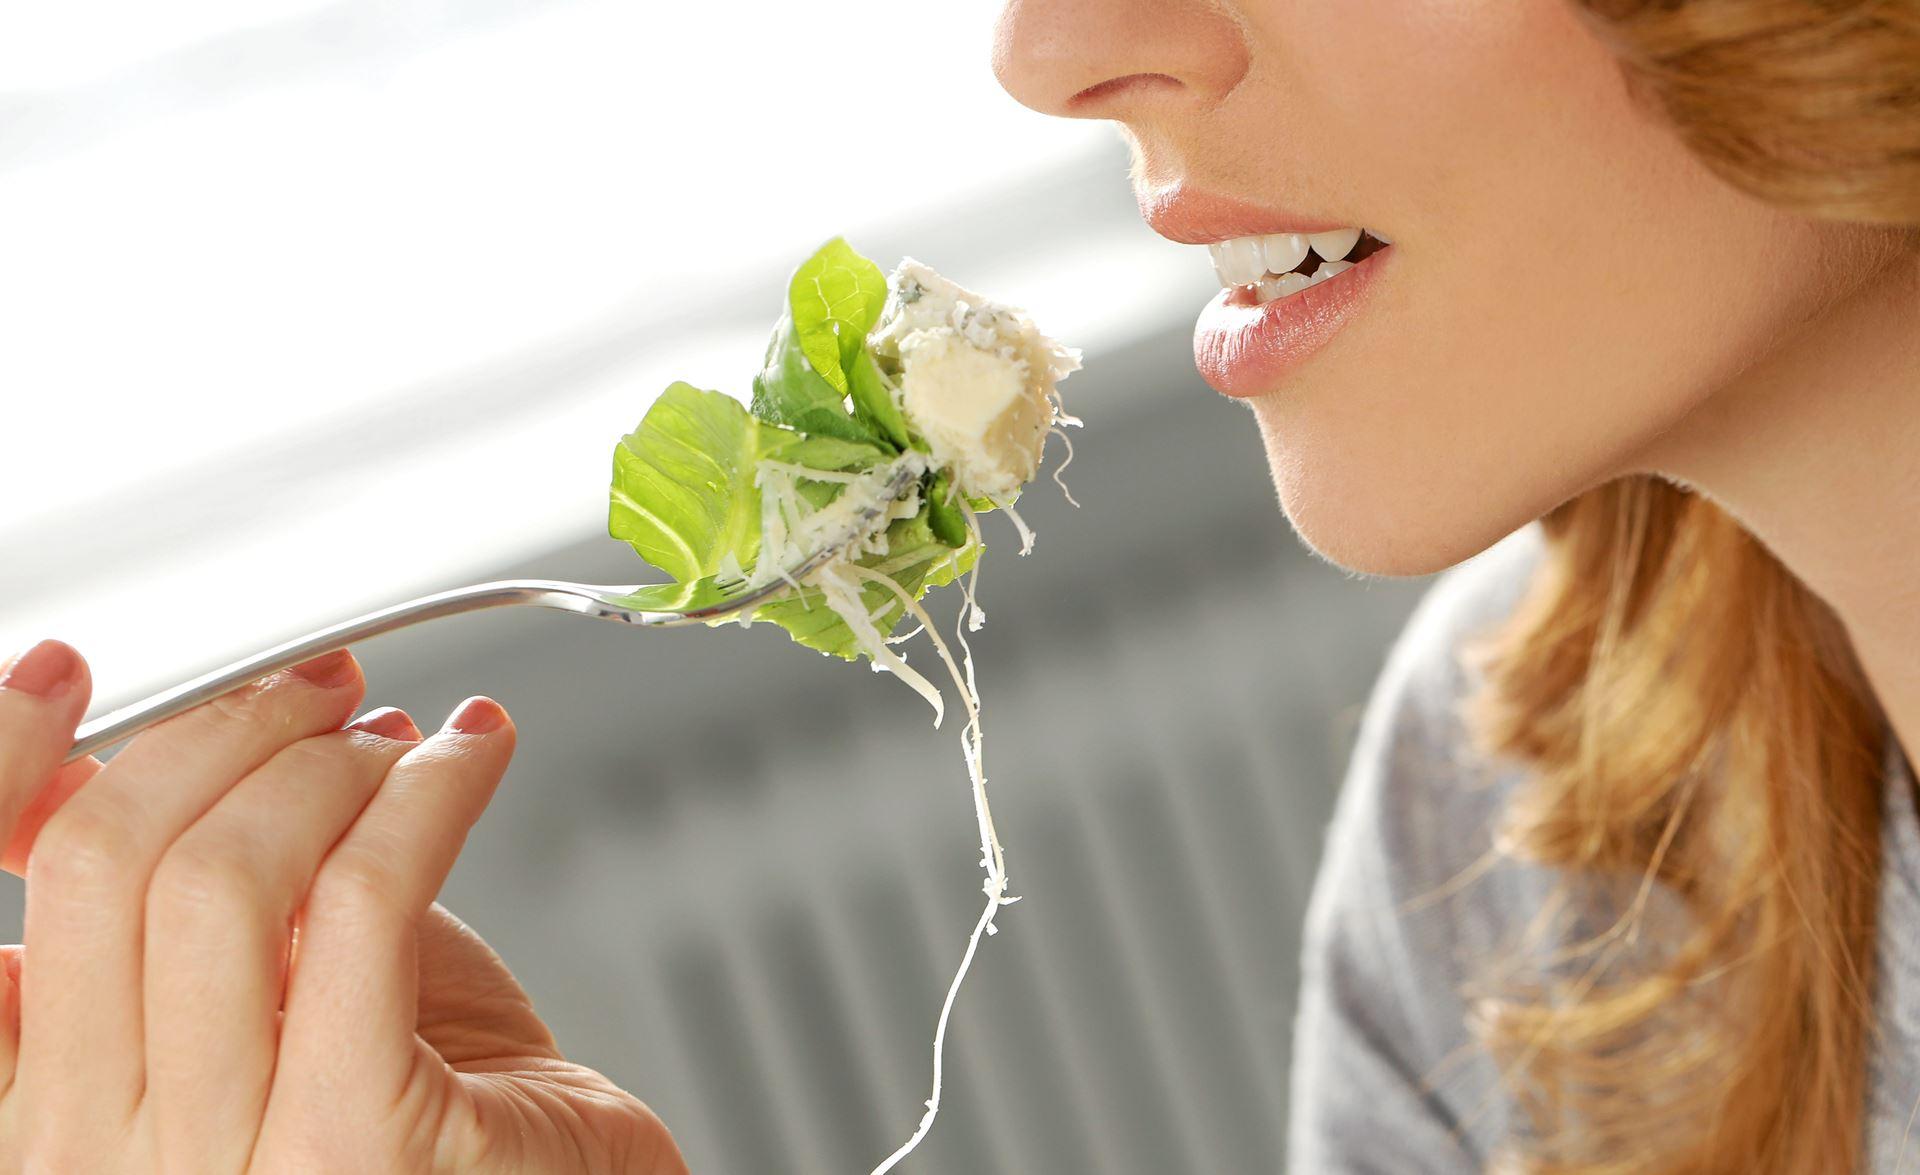 En rest ost, enden af en tomat, kålstokke og stilken fra krydderurterne kan blive til mere mad, hvis man formår at udnytte sine rester.